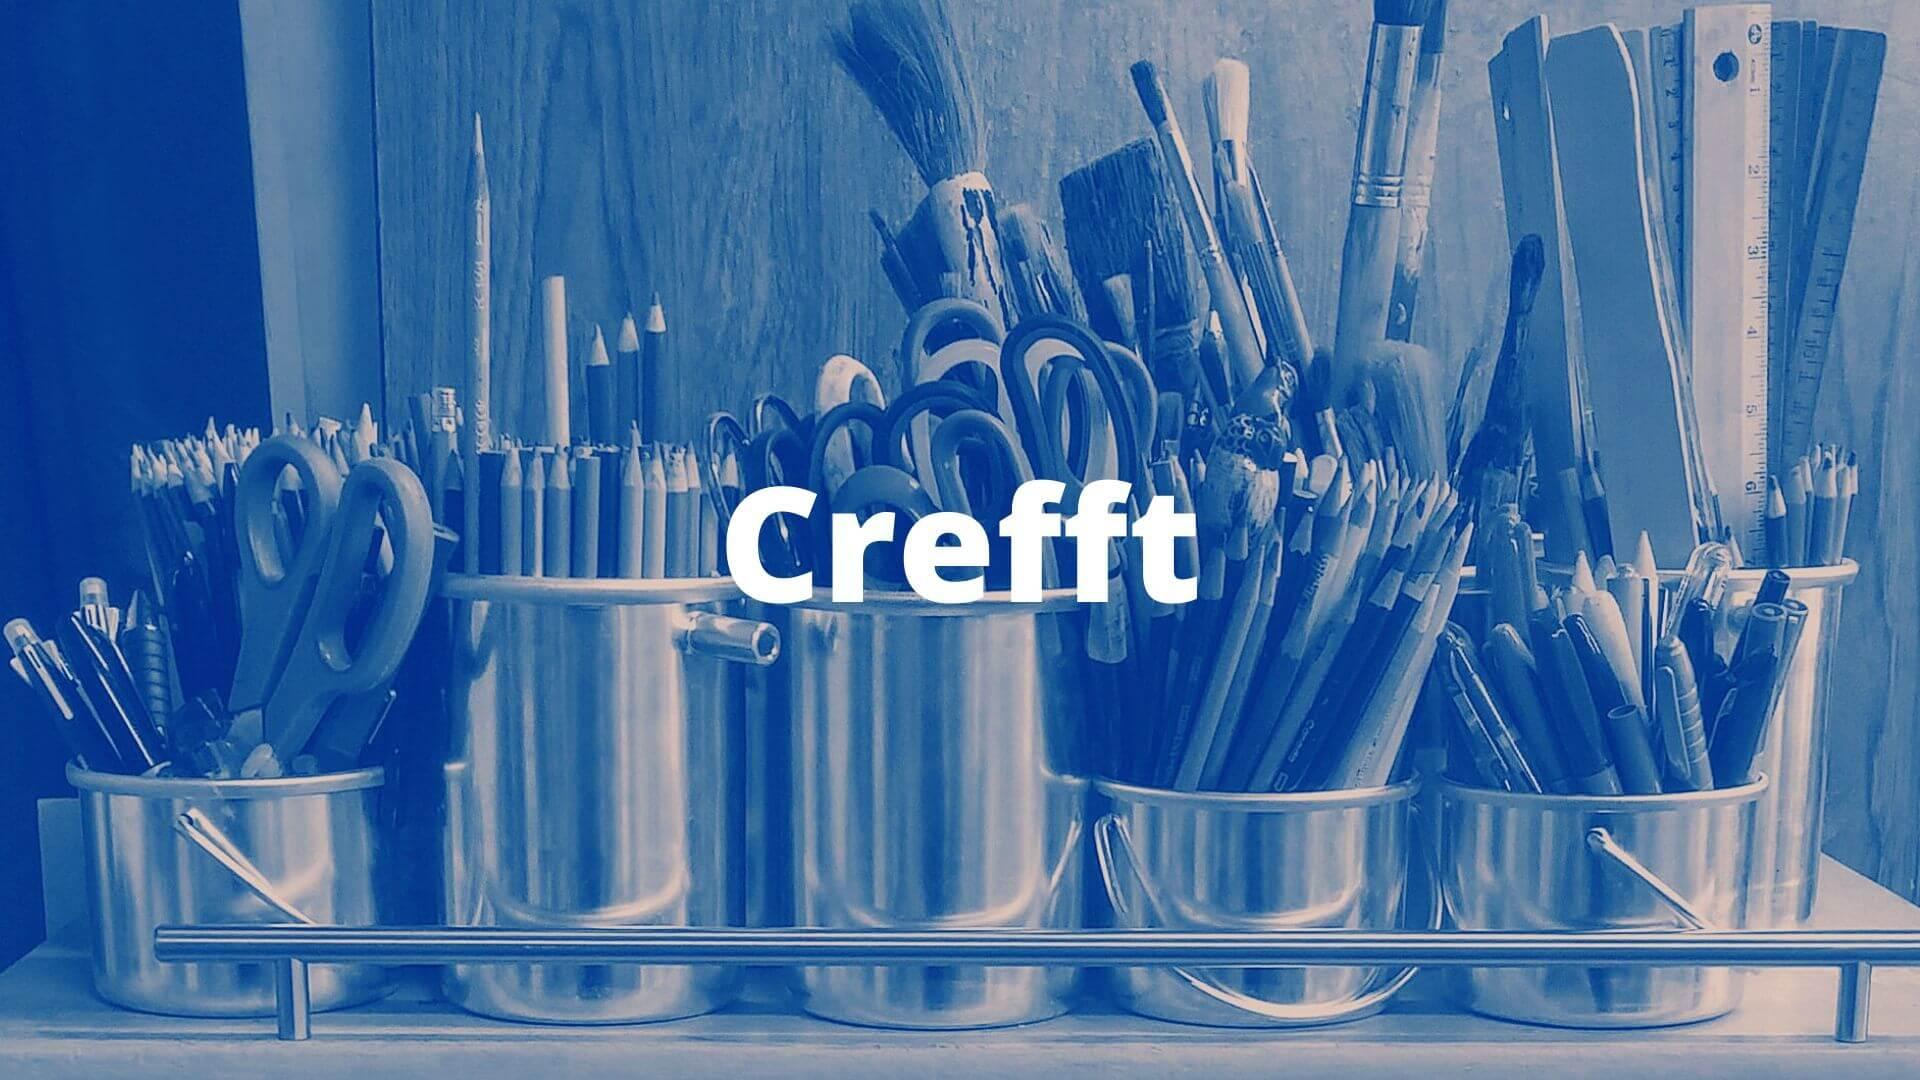 crefft banner